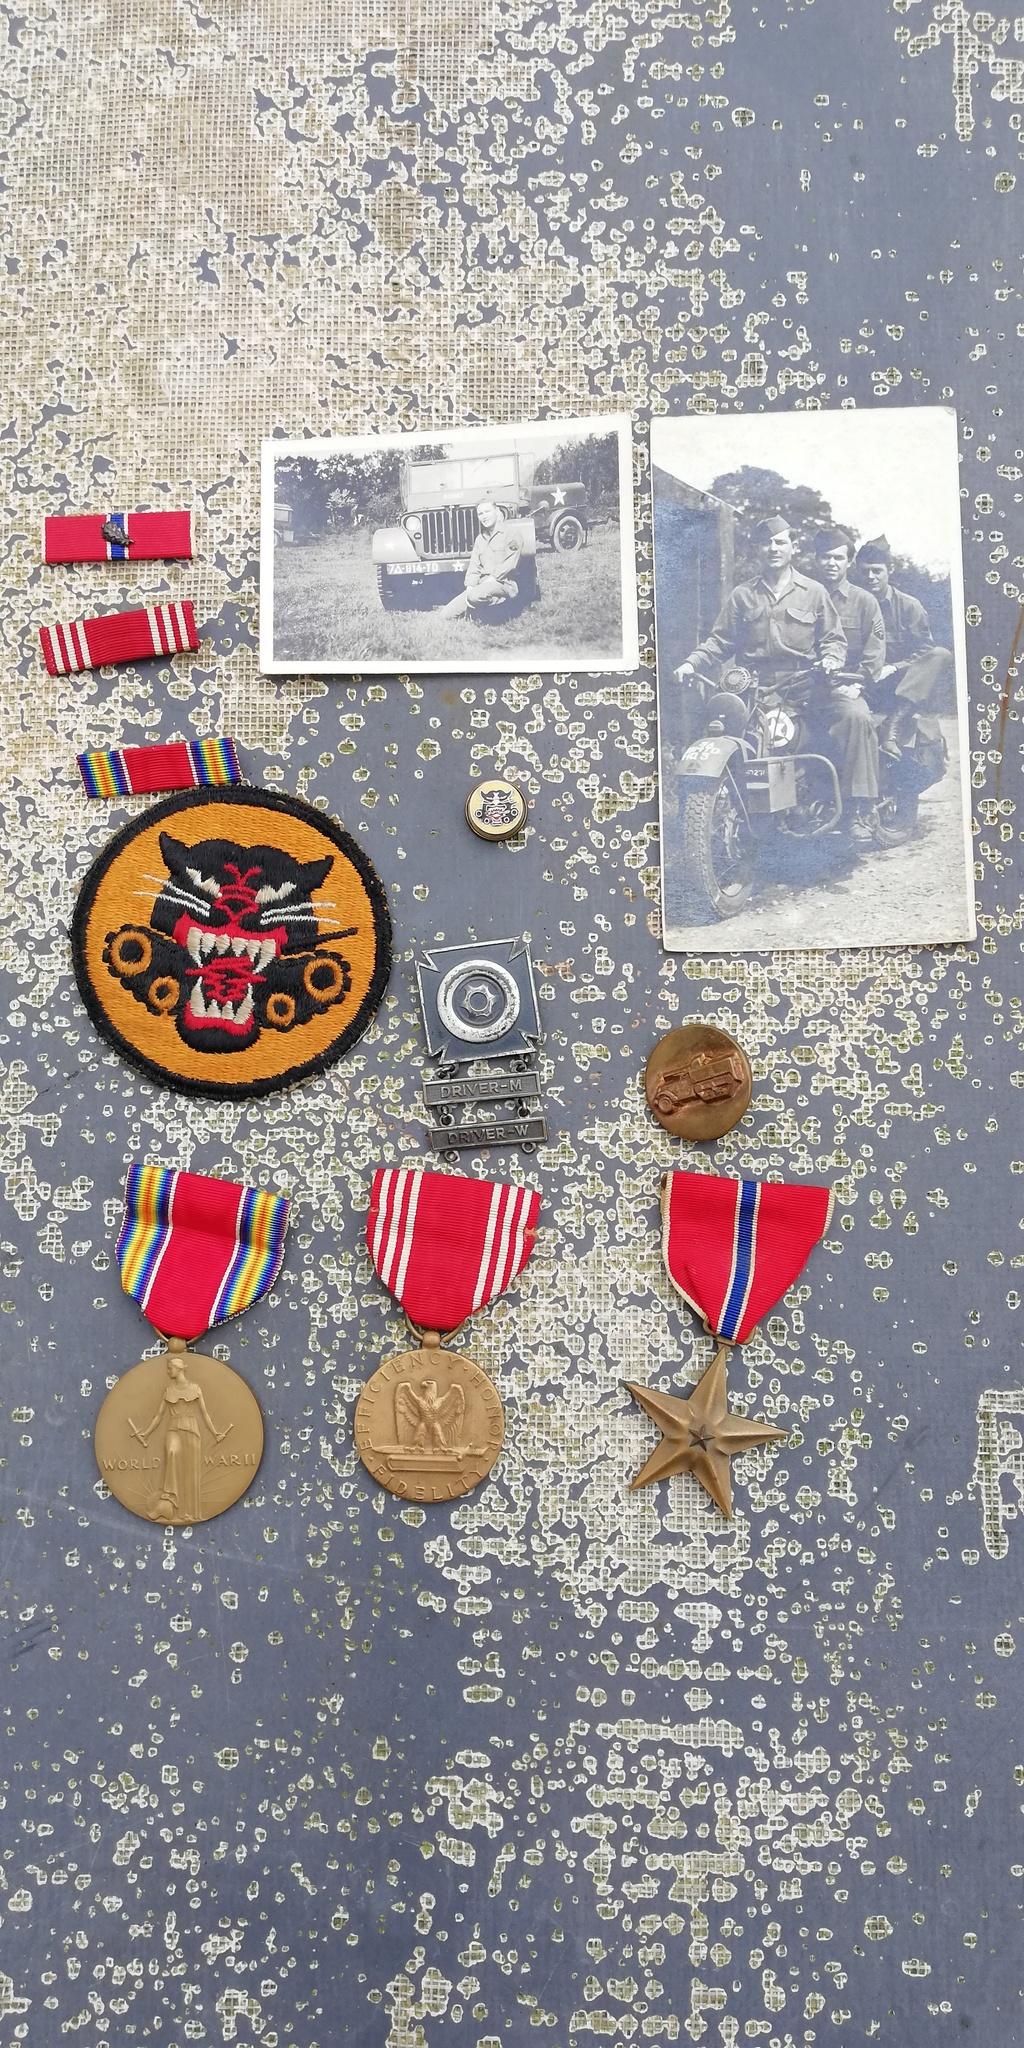 CONGO BELGE / US ARMY Img_2067